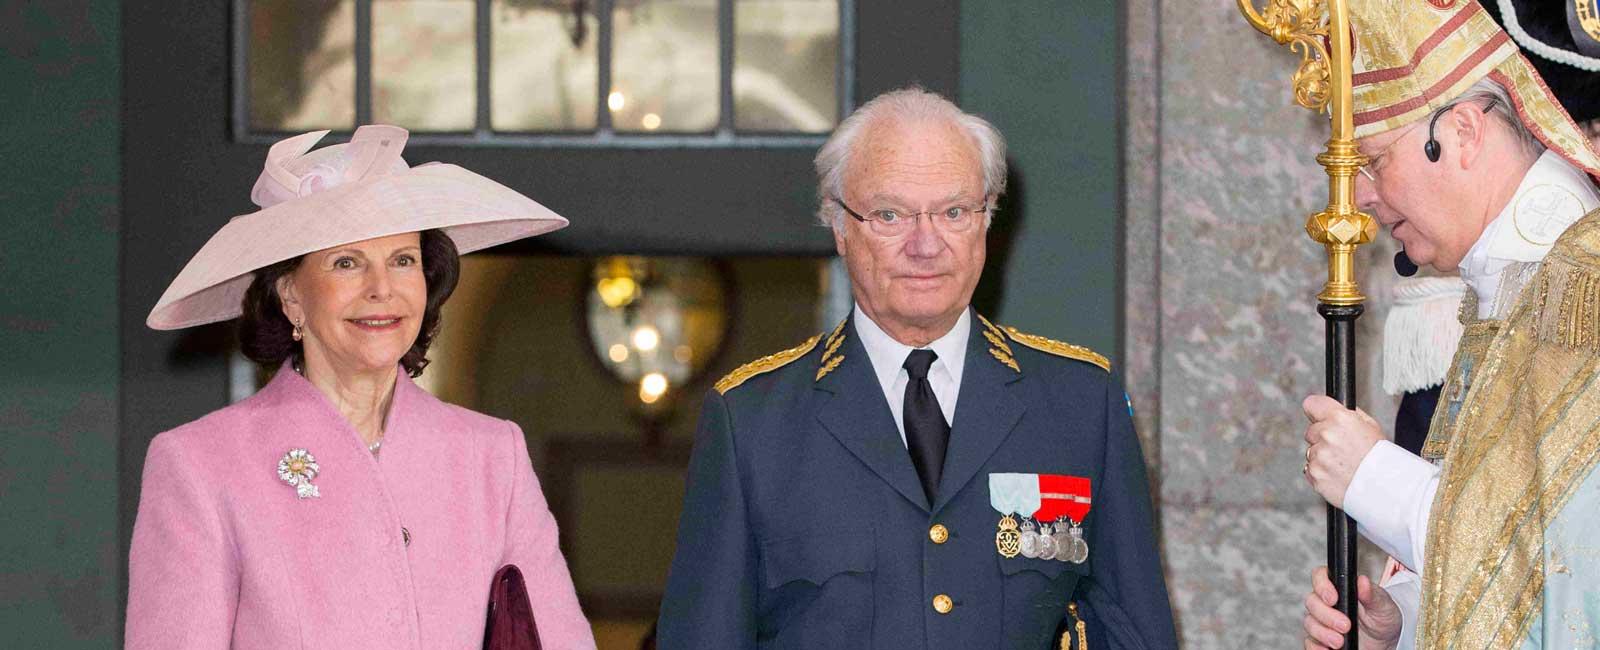 El rey Carlos Gustavo de Suecia, cumple 70 años